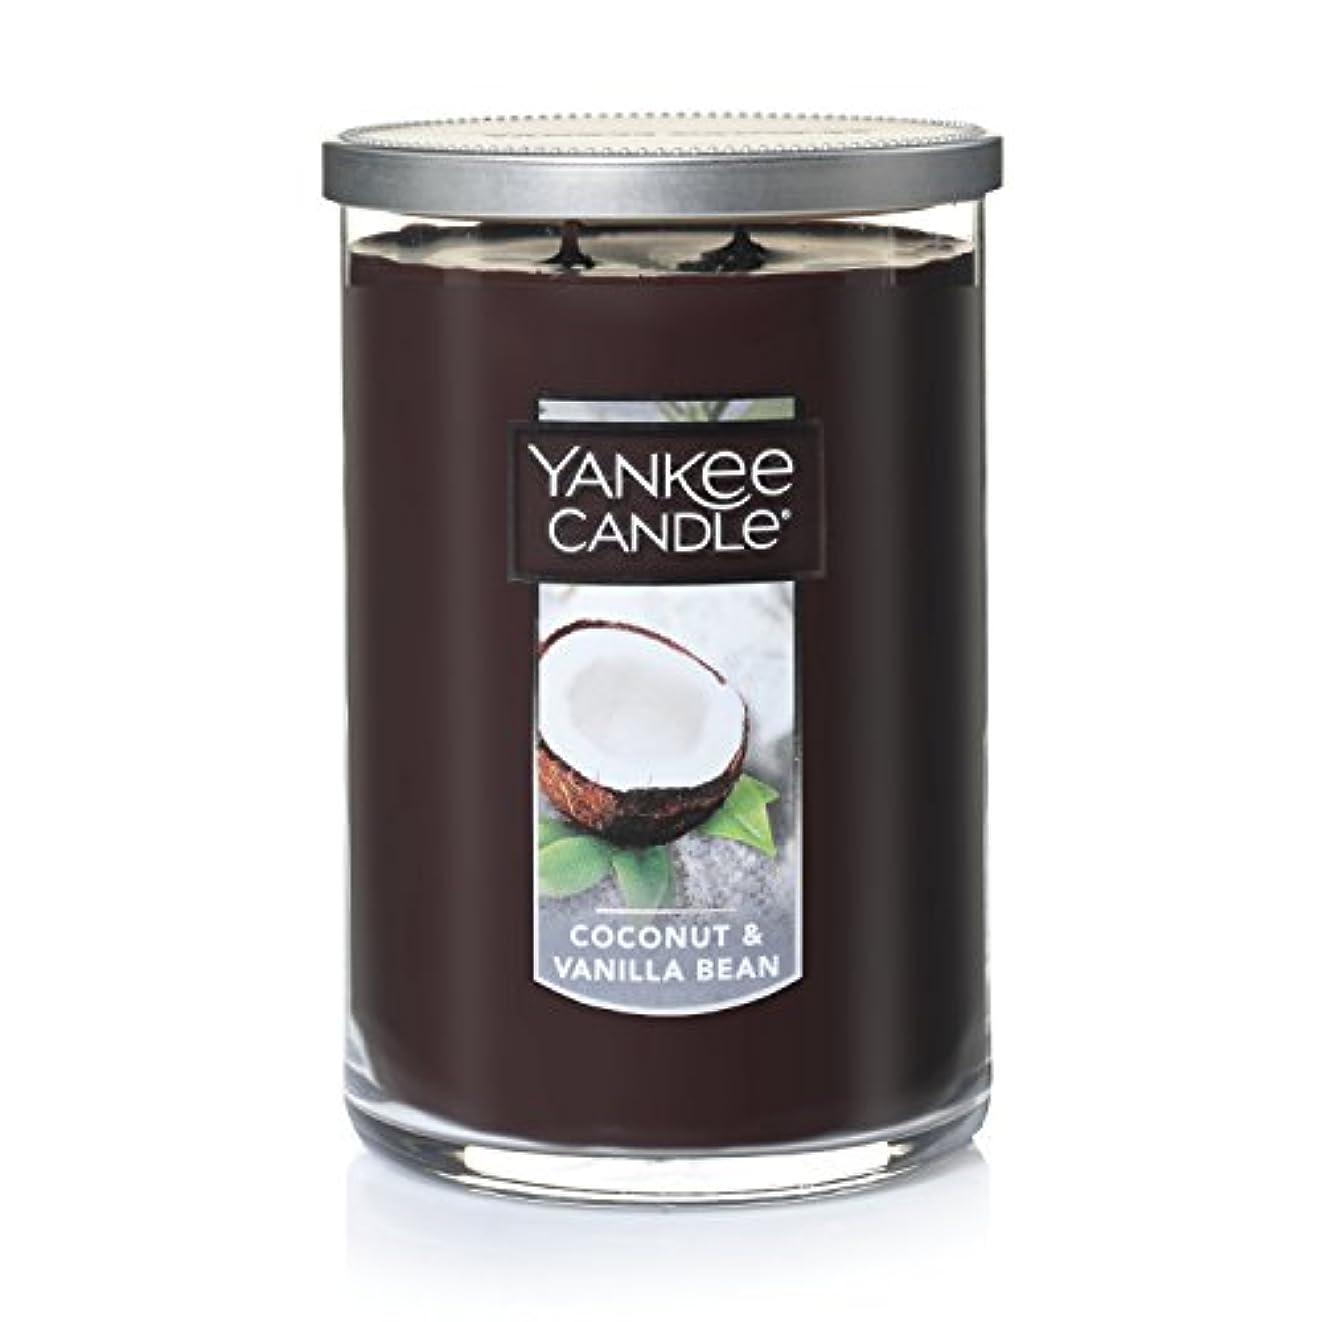 エリートでも繊毛Yankee Candle Coconut & Vanilla Bean , Food & Spice香り Large 2-Wick Tumbler Candle ブラウン 1284535-YC